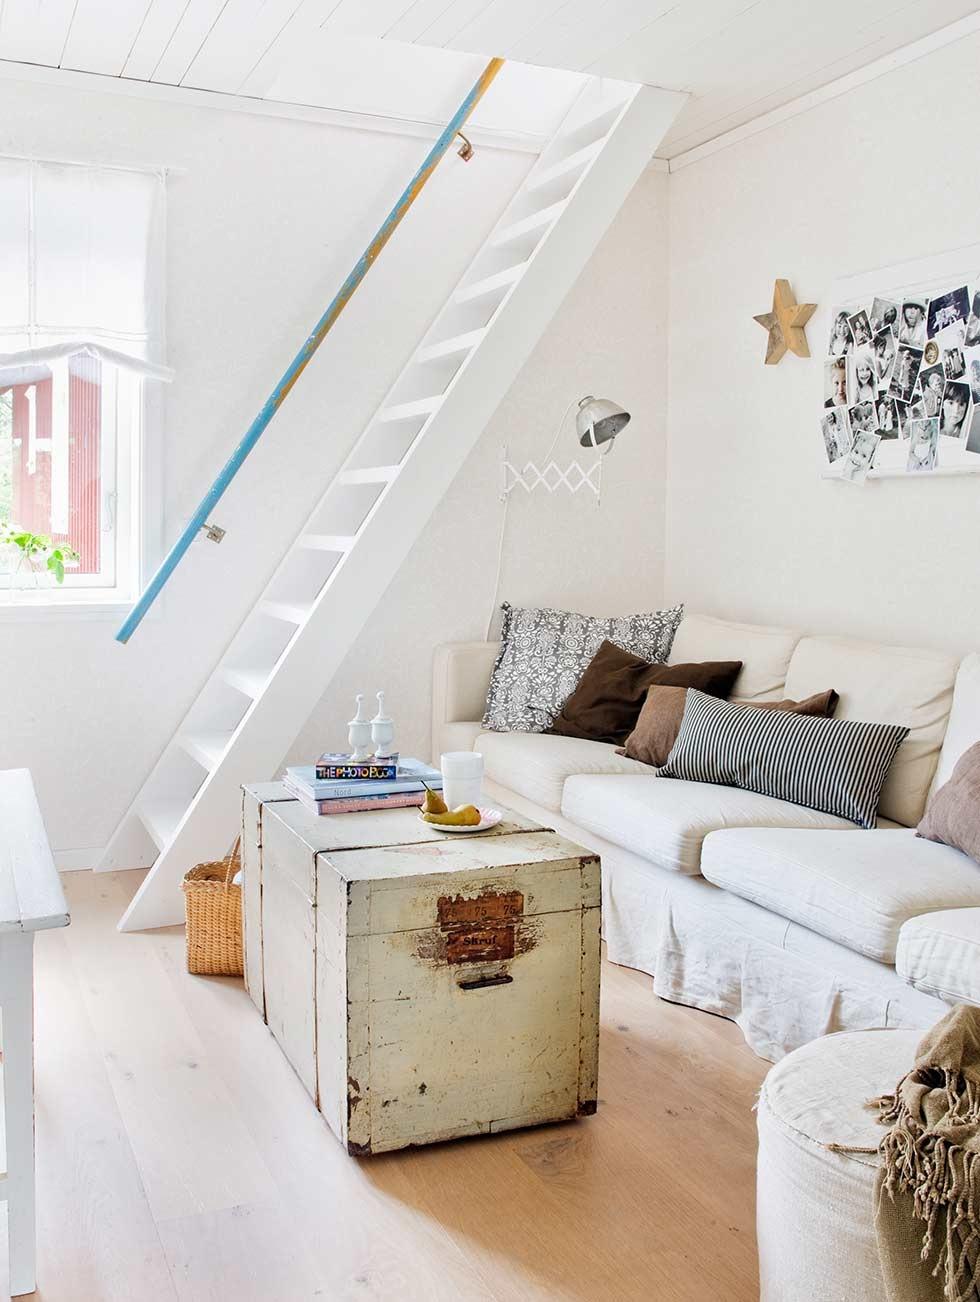 El estilo coastal cottage blog tienda decoraci n estilo - Casas de estilo nordico ...